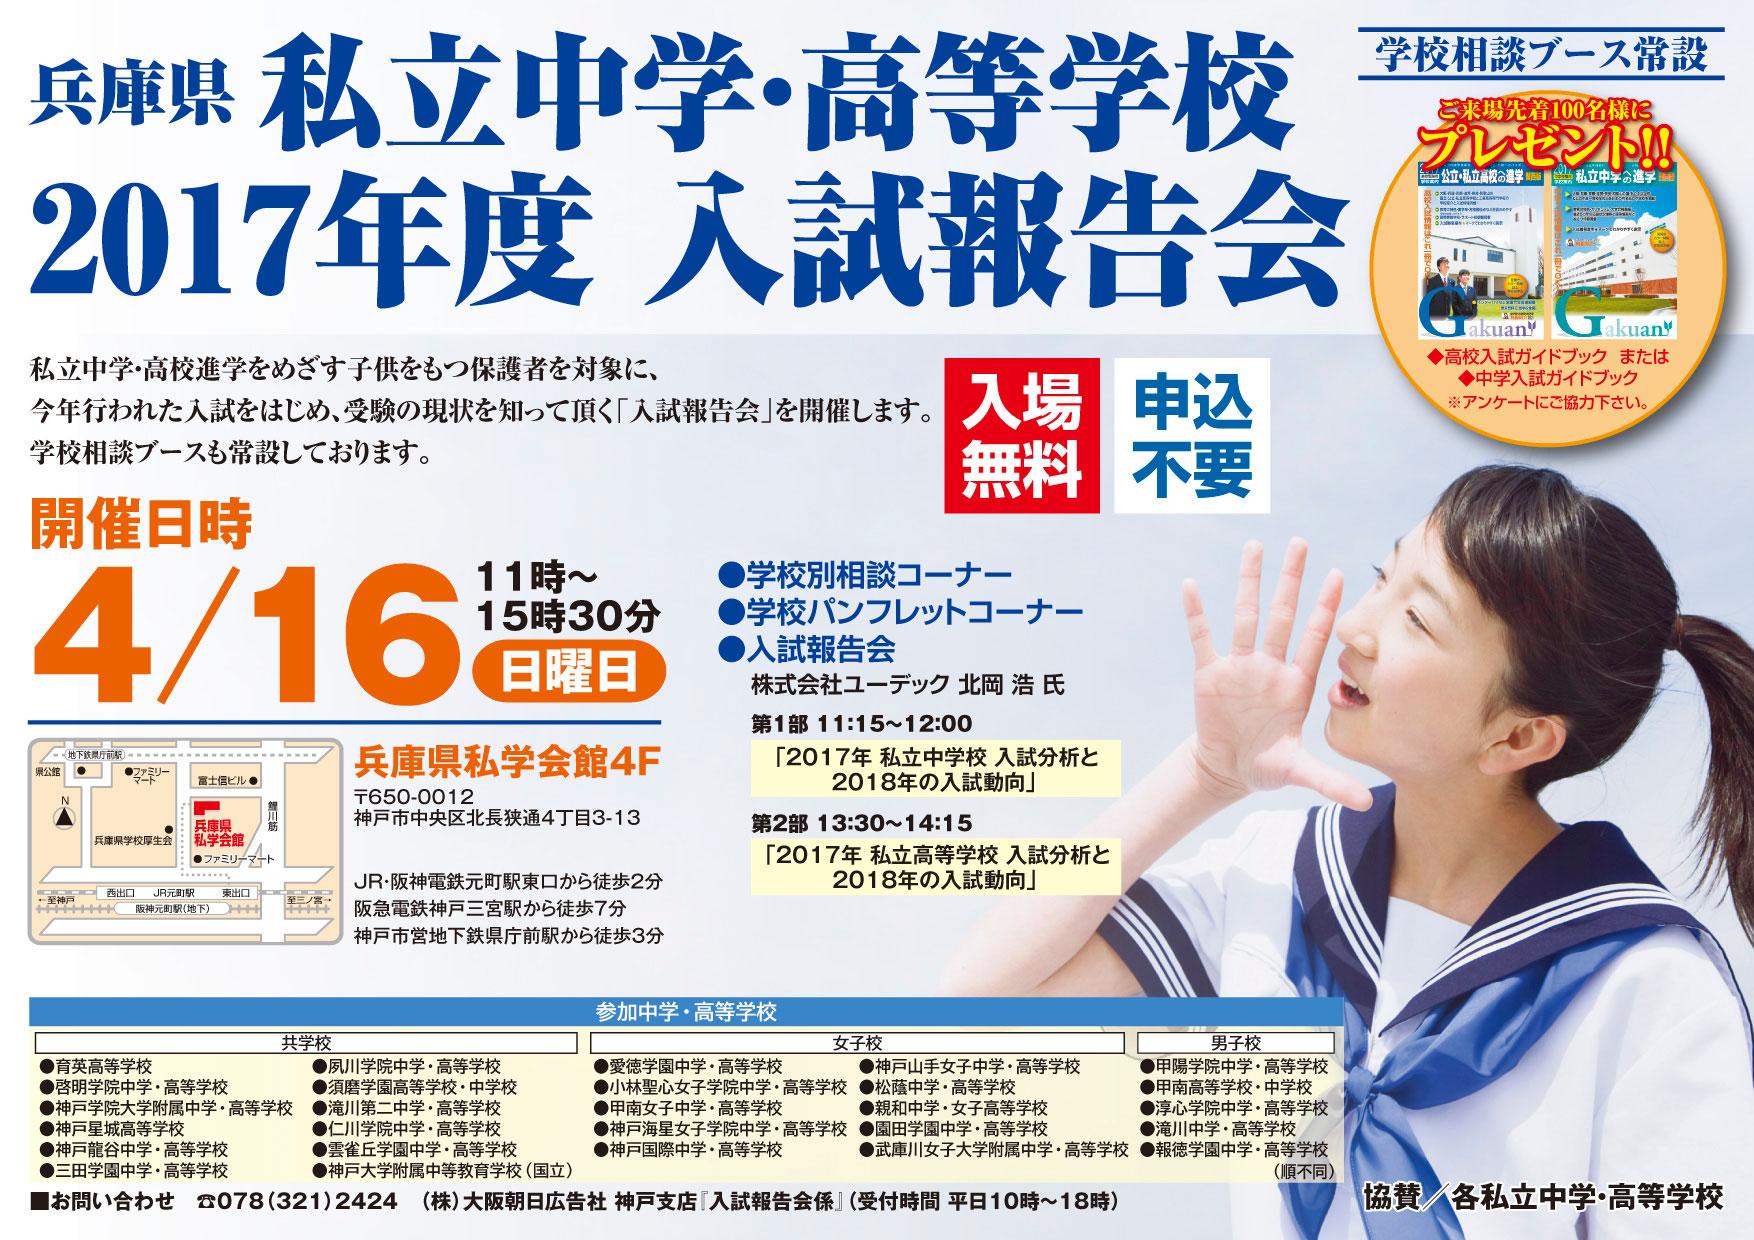 私立中学・高等学校2017年度入試報告会